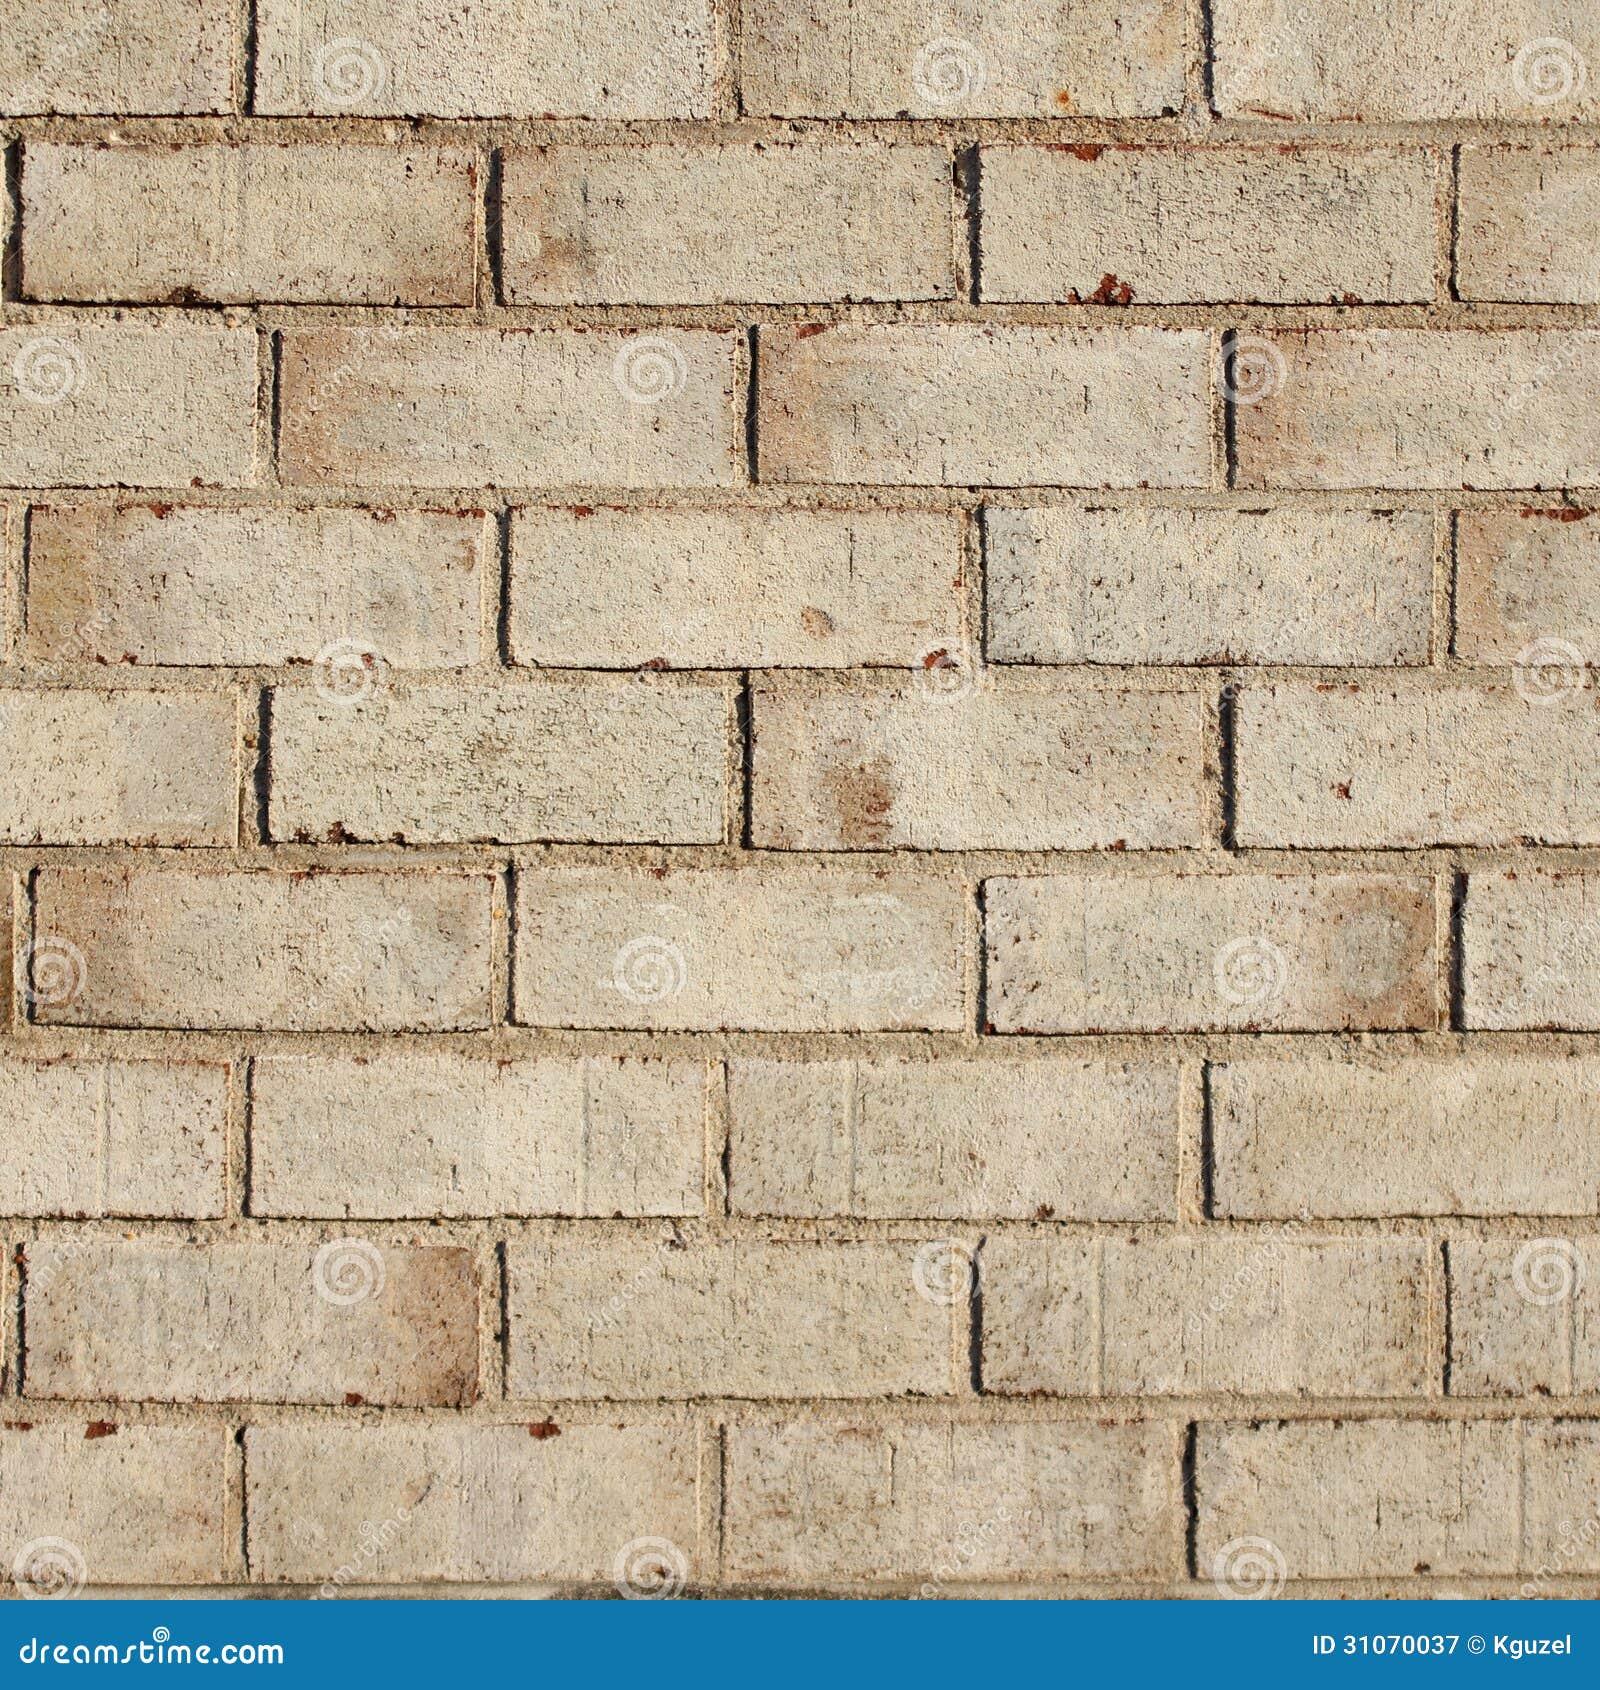 fond beige de mur de briques texture image stock image du gris abstrait 31070037. Black Bedroom Furniture Sets. Home Design Ideas